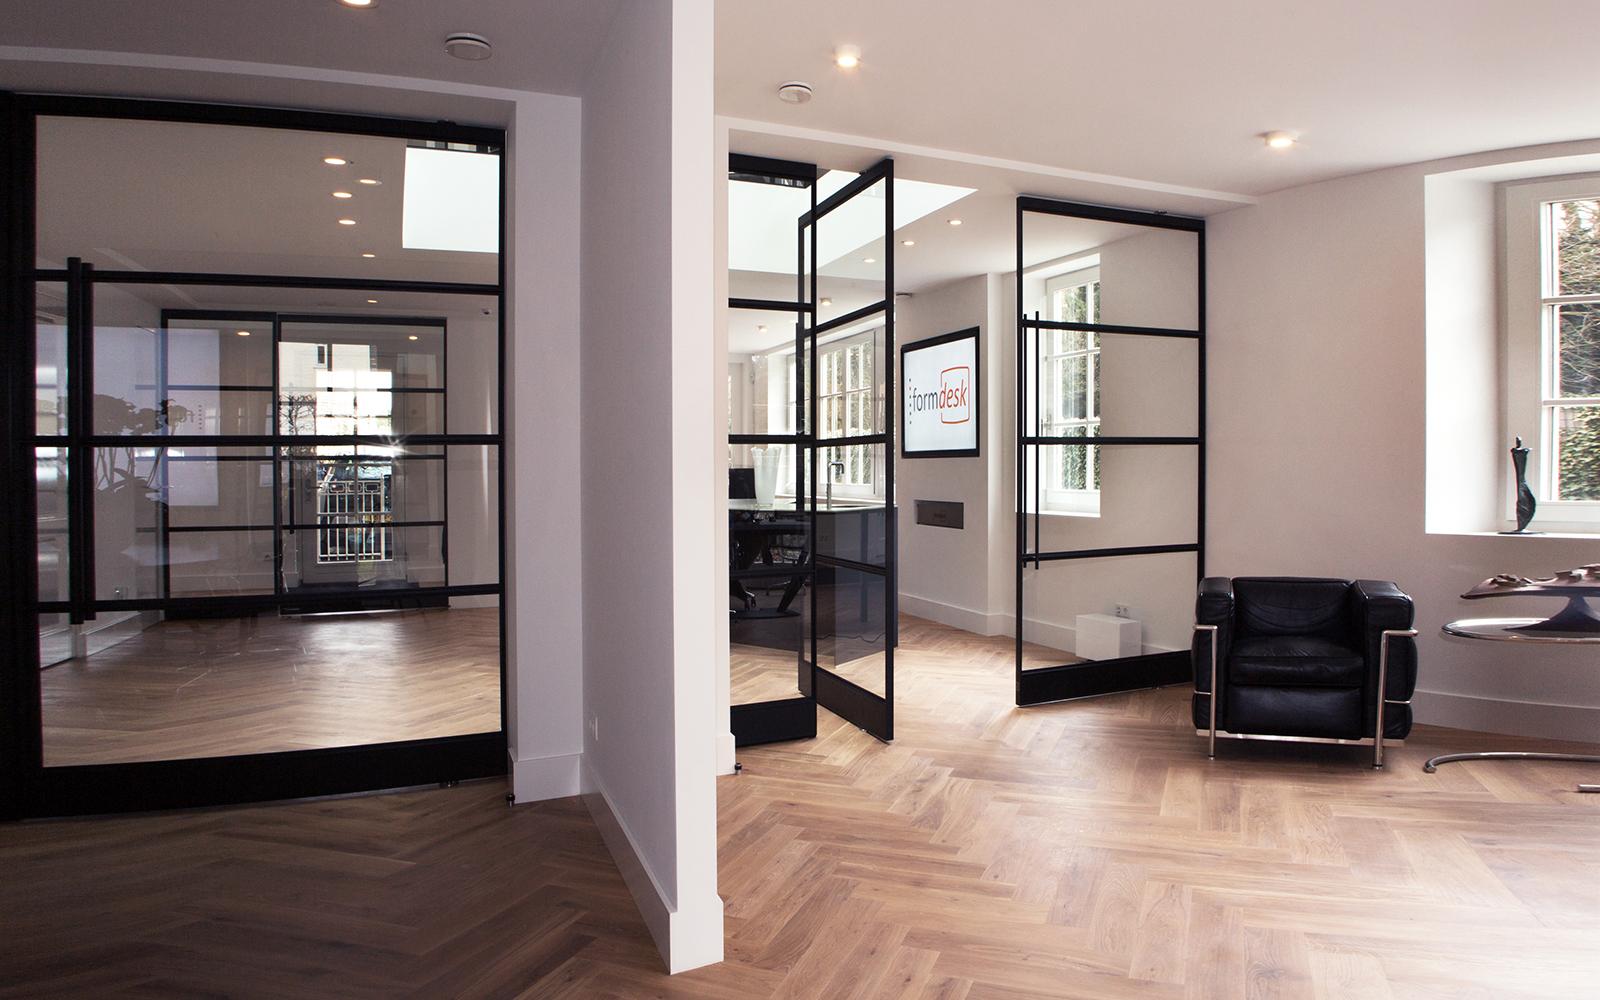 Taatsdeuren, Interieur, Visgraatvloer, Stalen deuren, Exclusief, De Rooy Metaaldesign